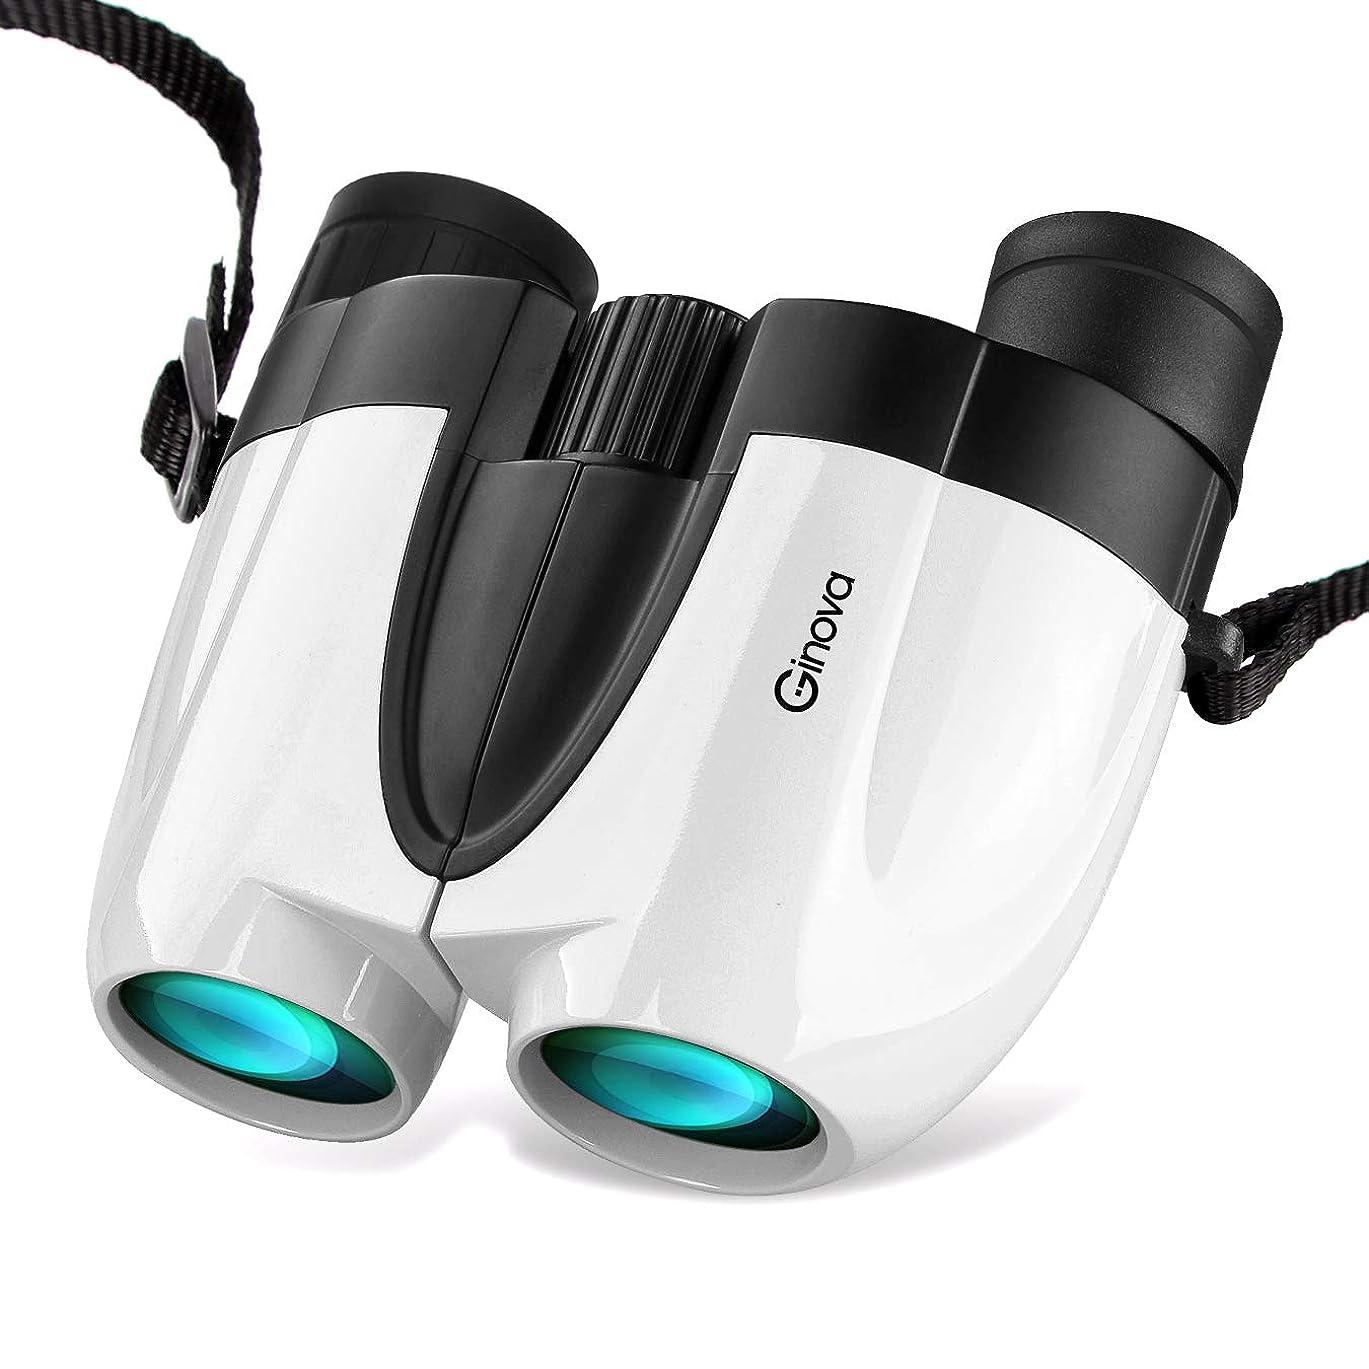 取る倫理的翻訳Ephram ワイヤレス内視鏡カメラ スマホ iphone android ios pc対応 wifi接続 ファイバースコープ アンドロイド 8mm極細レンズ 200万画素 録画可能 エンドスコープ IP67防水 8LEDライト 照度調節可能 USBマイクロスコープ 硬性内視鏡 設備の点検 USB接続スネークカメラ スコープ